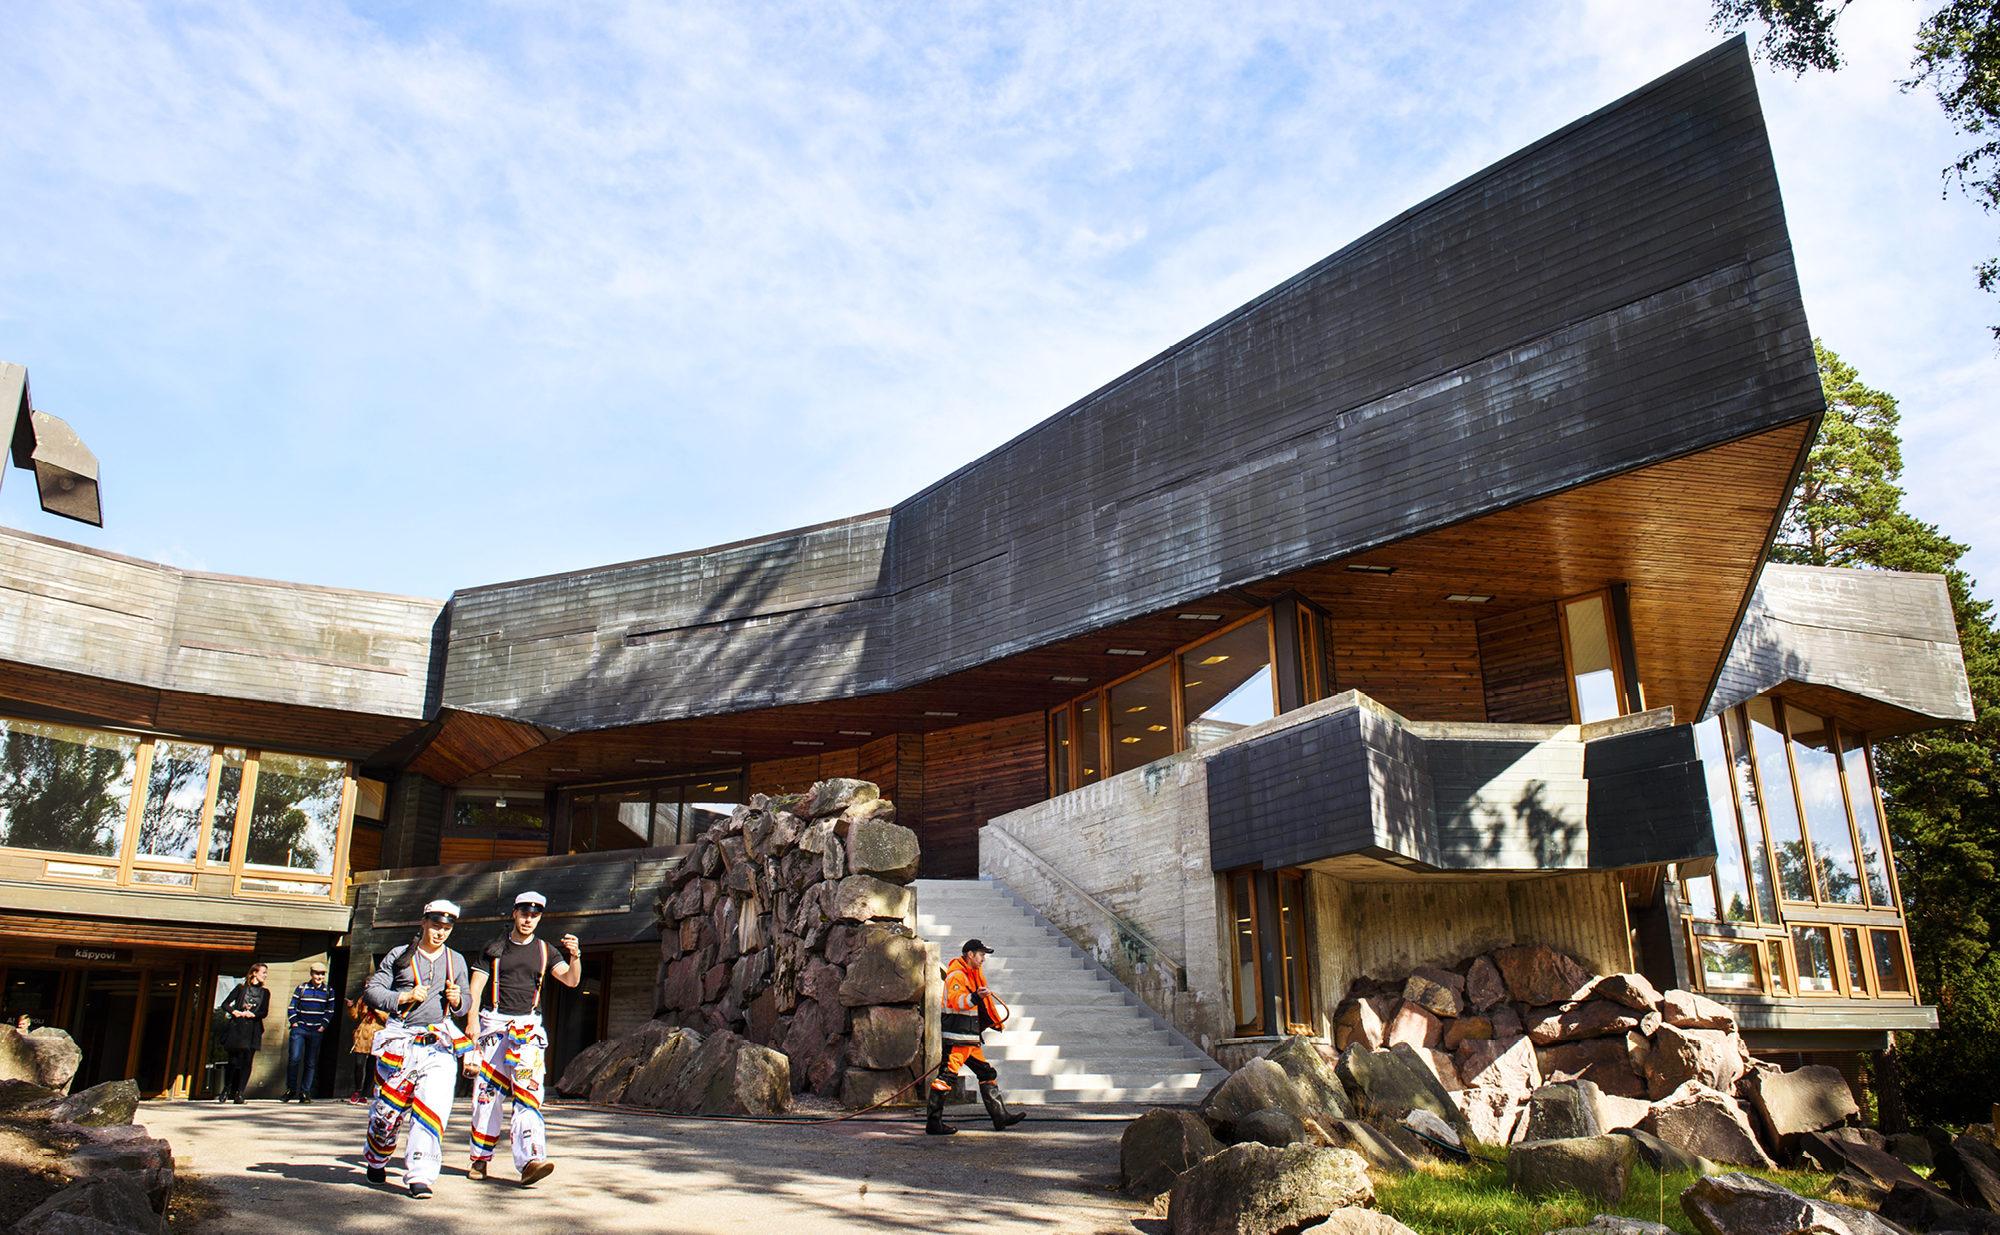 """Eteläiselle julkisivulle ovat luonteenomaisia voimakkaat räystäät. Reima Pietilän visiossa """"Dipolissa lahdekkeina leviävät ja vahvasti ulkonevat kupariräystäät ovat kallionkielekkeitä, joiden alle suojaan Luolamies rakentaa alkuasuntonsa."""""""